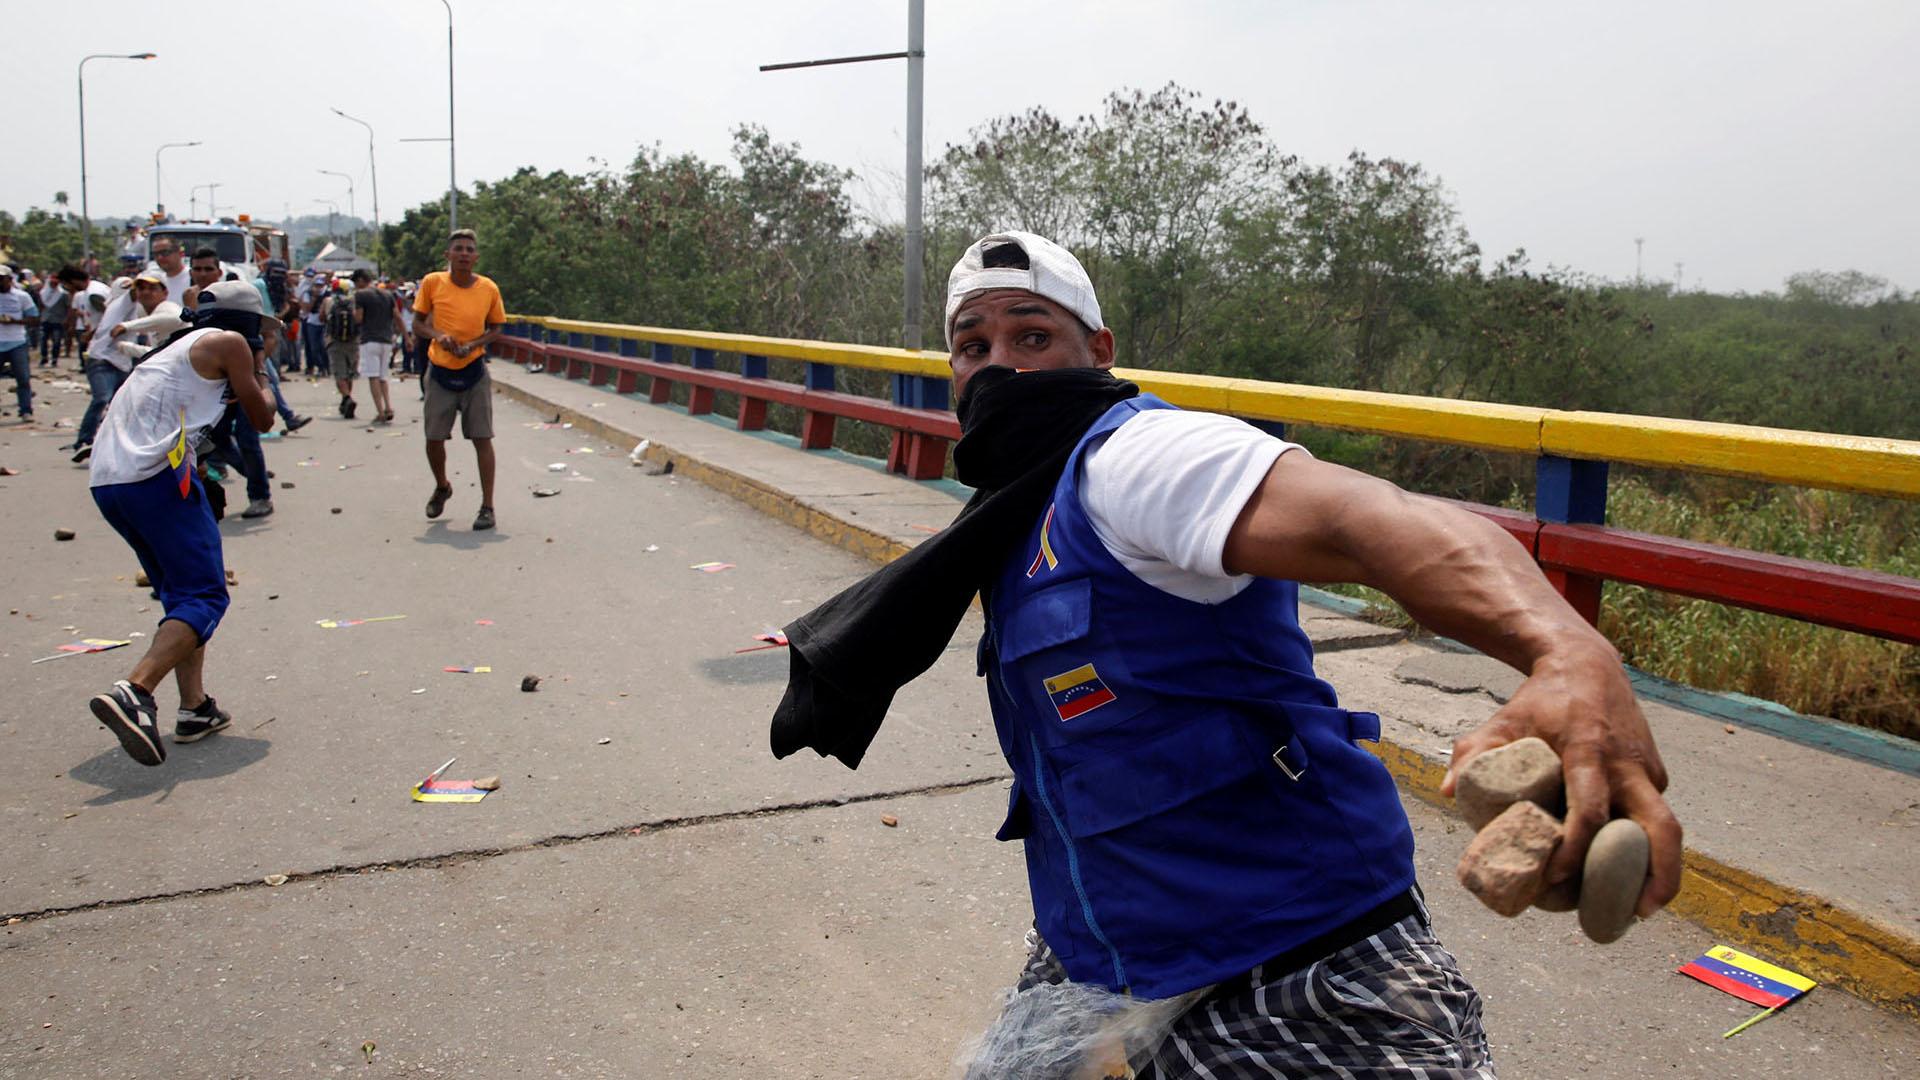 Los manifestantes se enfrentan a las fuerzas de seguridad de Venezuela en el puente Francisco de Paula Santander en la frontera entre Colombia y Venezuela, visto desde Cucuta (Reuters)